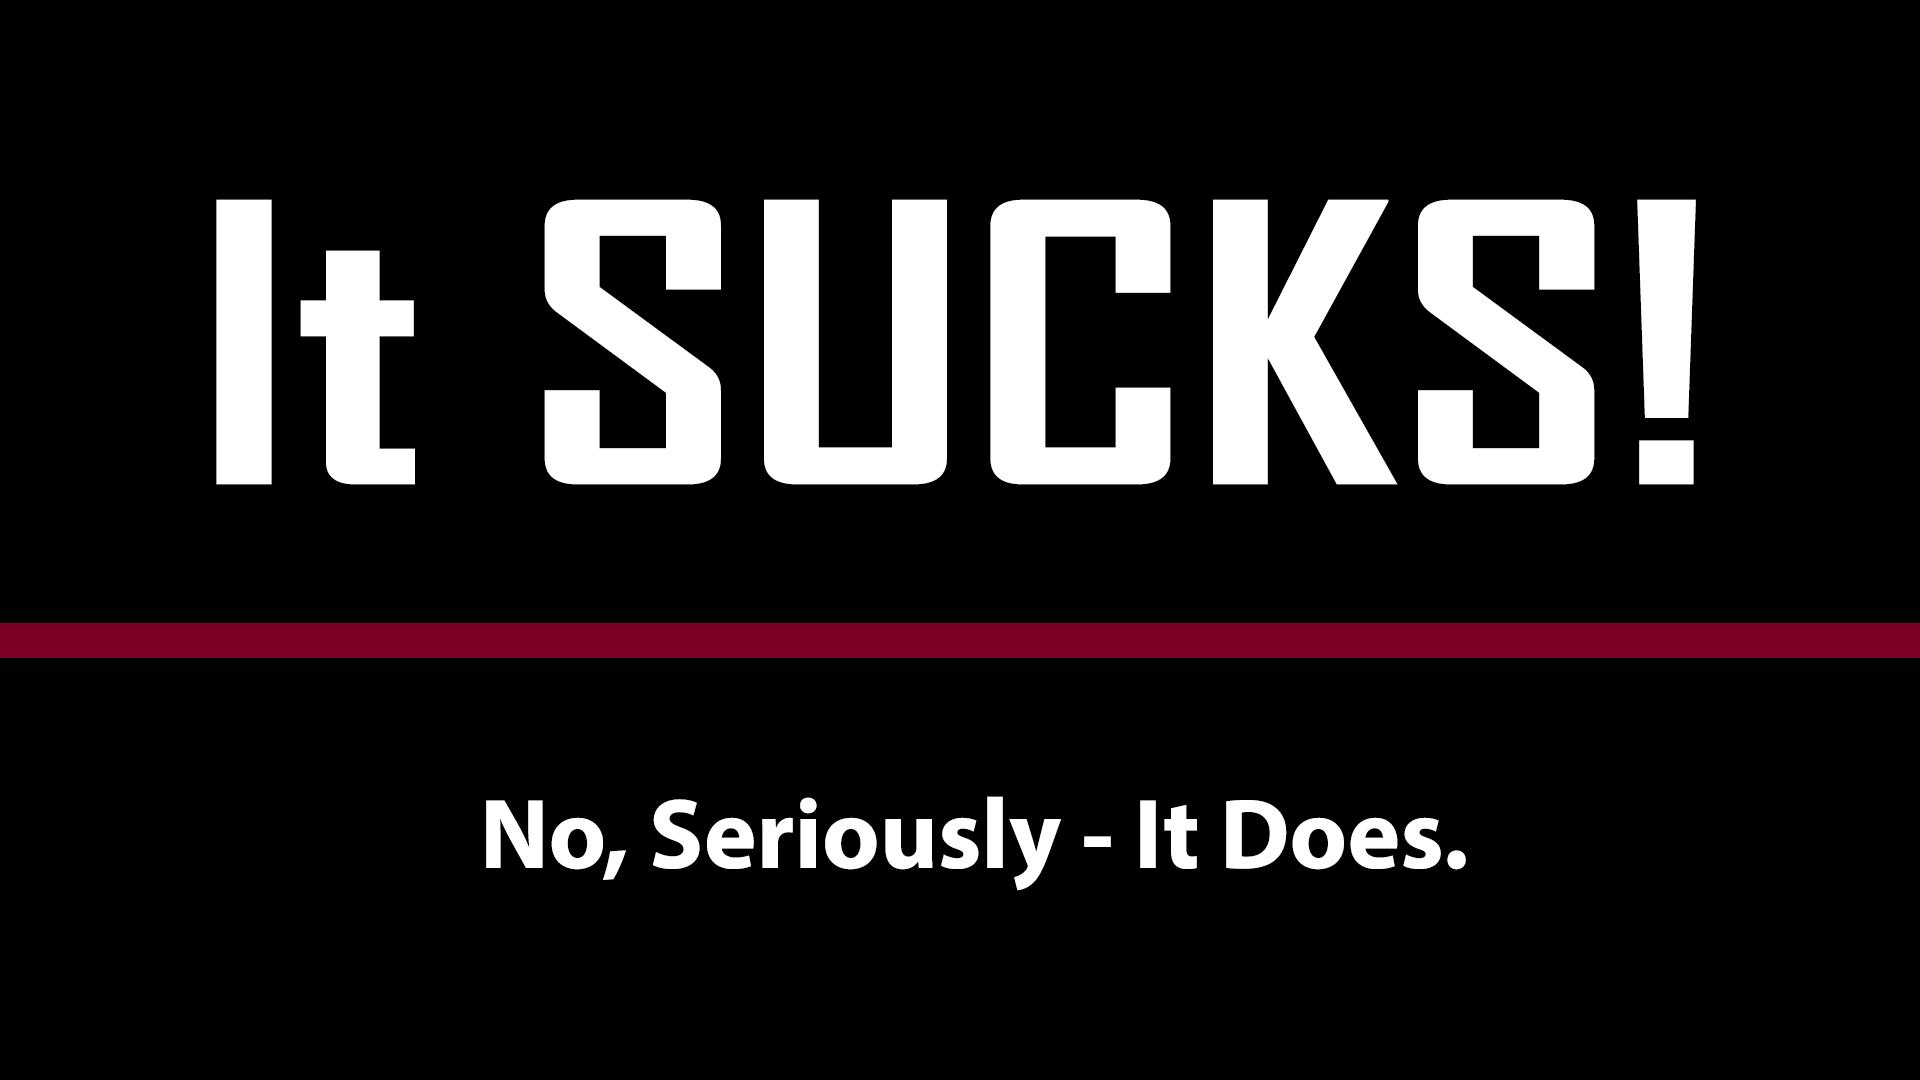 it sucks